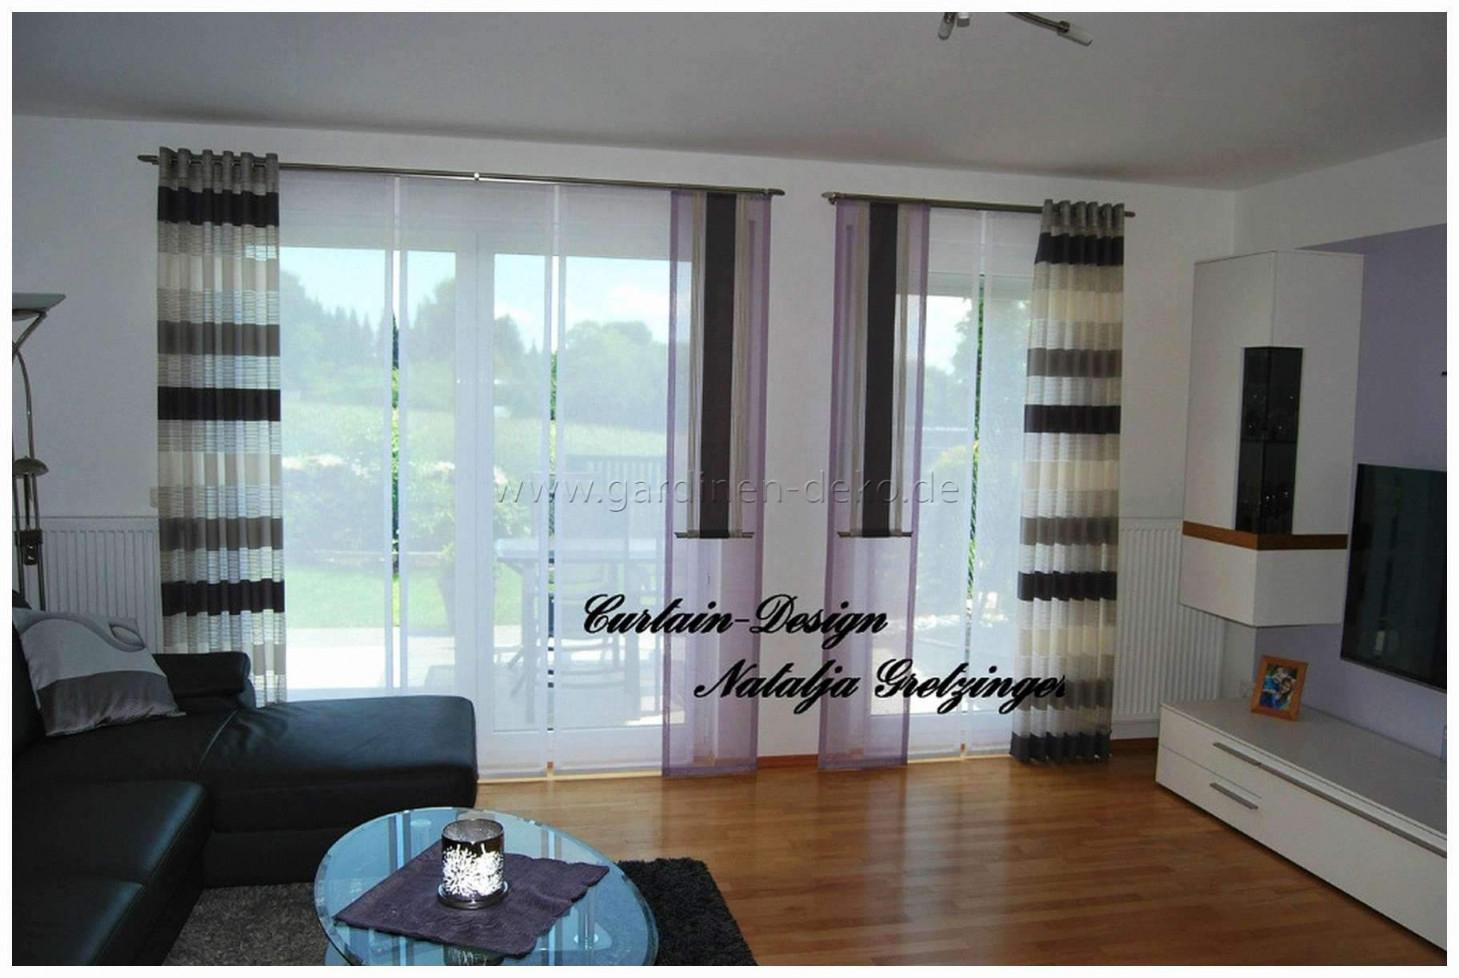 36 Frisch Wohnzimmer Gardinen Mit Balkontür Inspirierend von Gardinen Wohnzimmer Terrassentür Bild